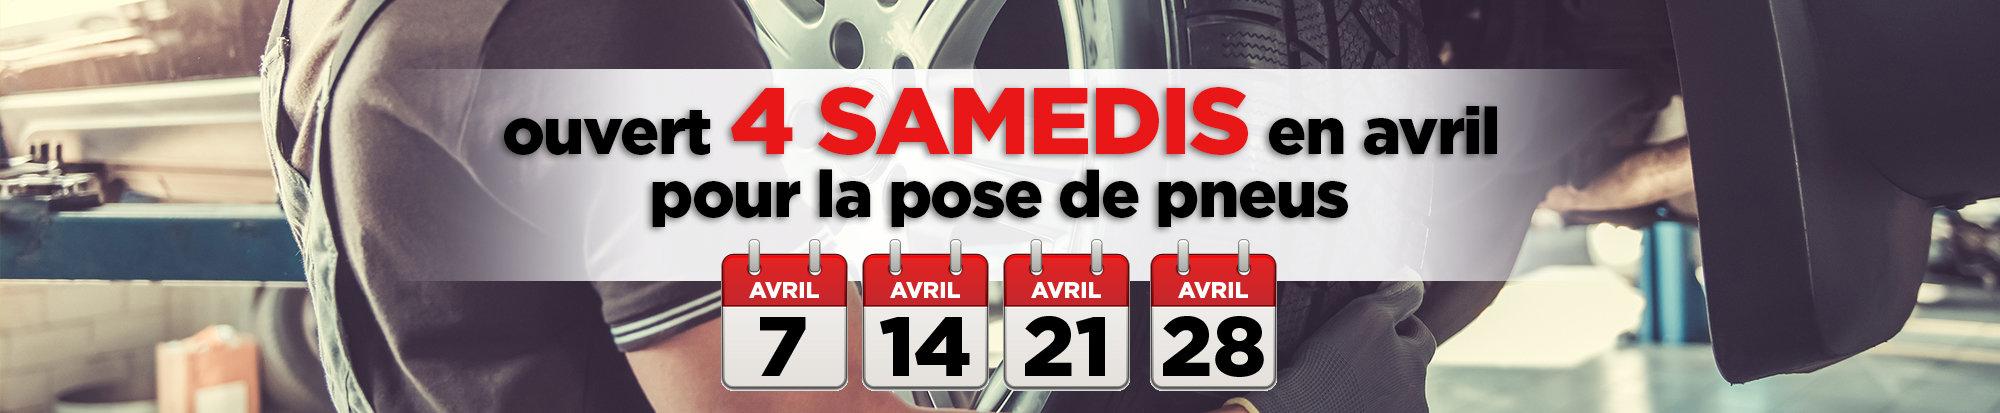 Ouvert 4 samedis en avril pour le changement de pneus! - web